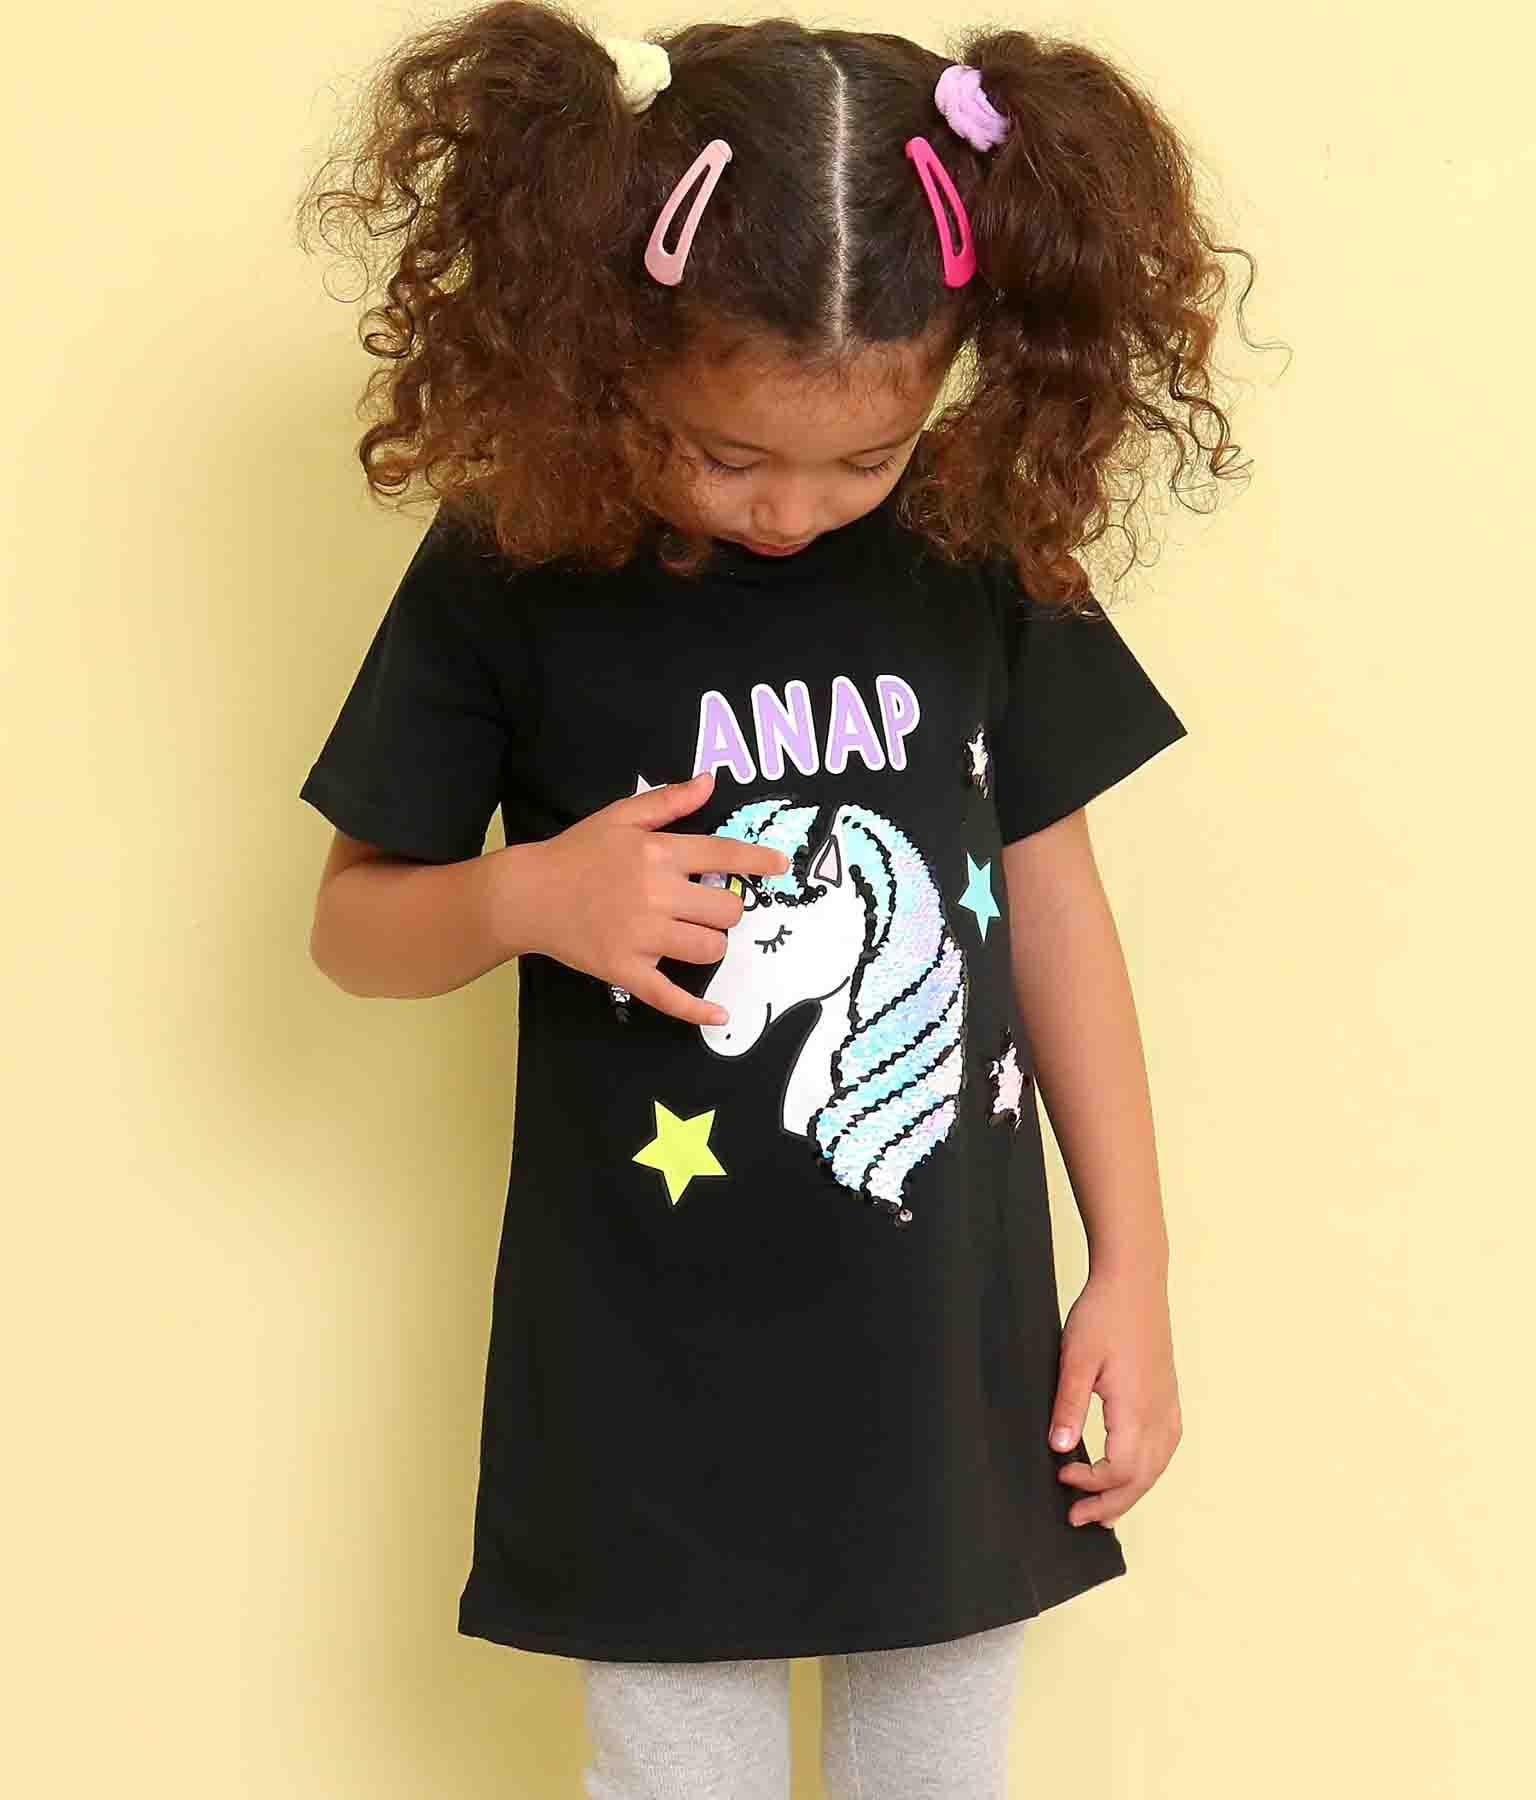 ユニコーンスパンコールチュニック(トップス/Tシャツ・チュニック)   ANAP KIDS